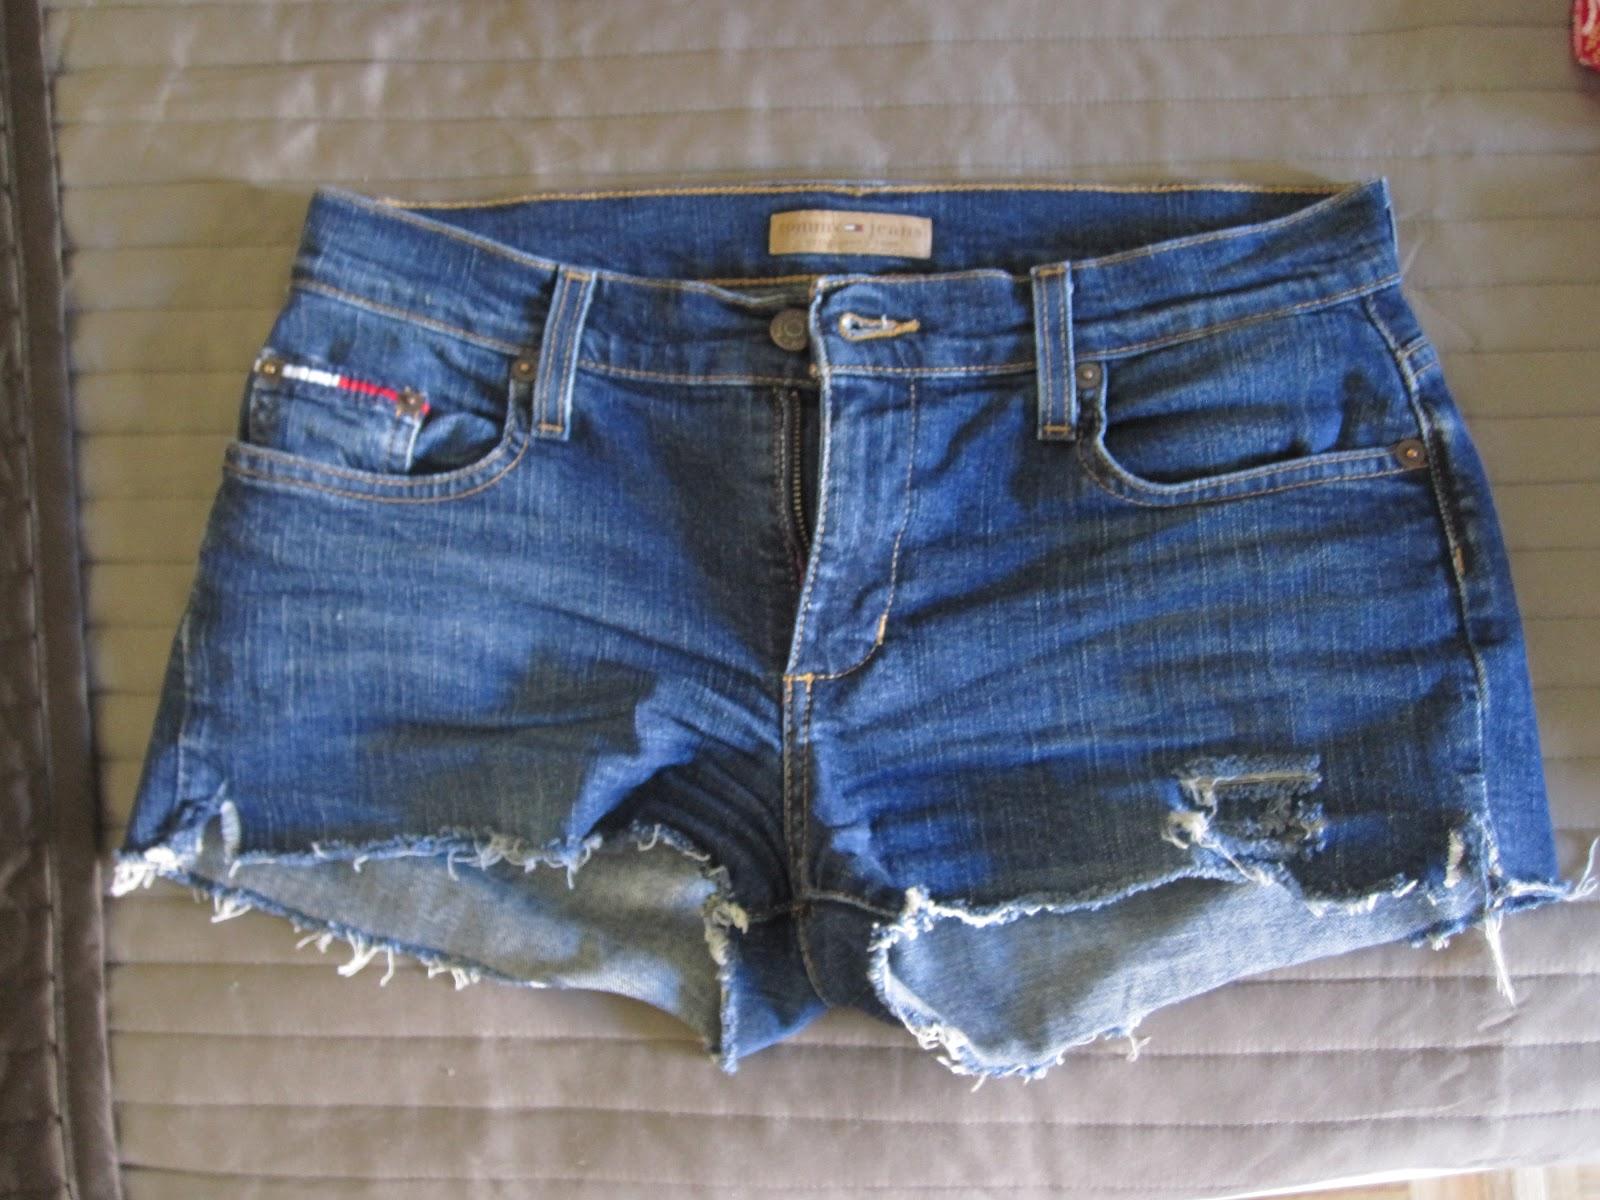 e8a554eca Hoy en día está de moda entre los jóvenes llevar la ropa rota o tazada   sobre todo los pantalones vaqueros  no es un signo de pobreza